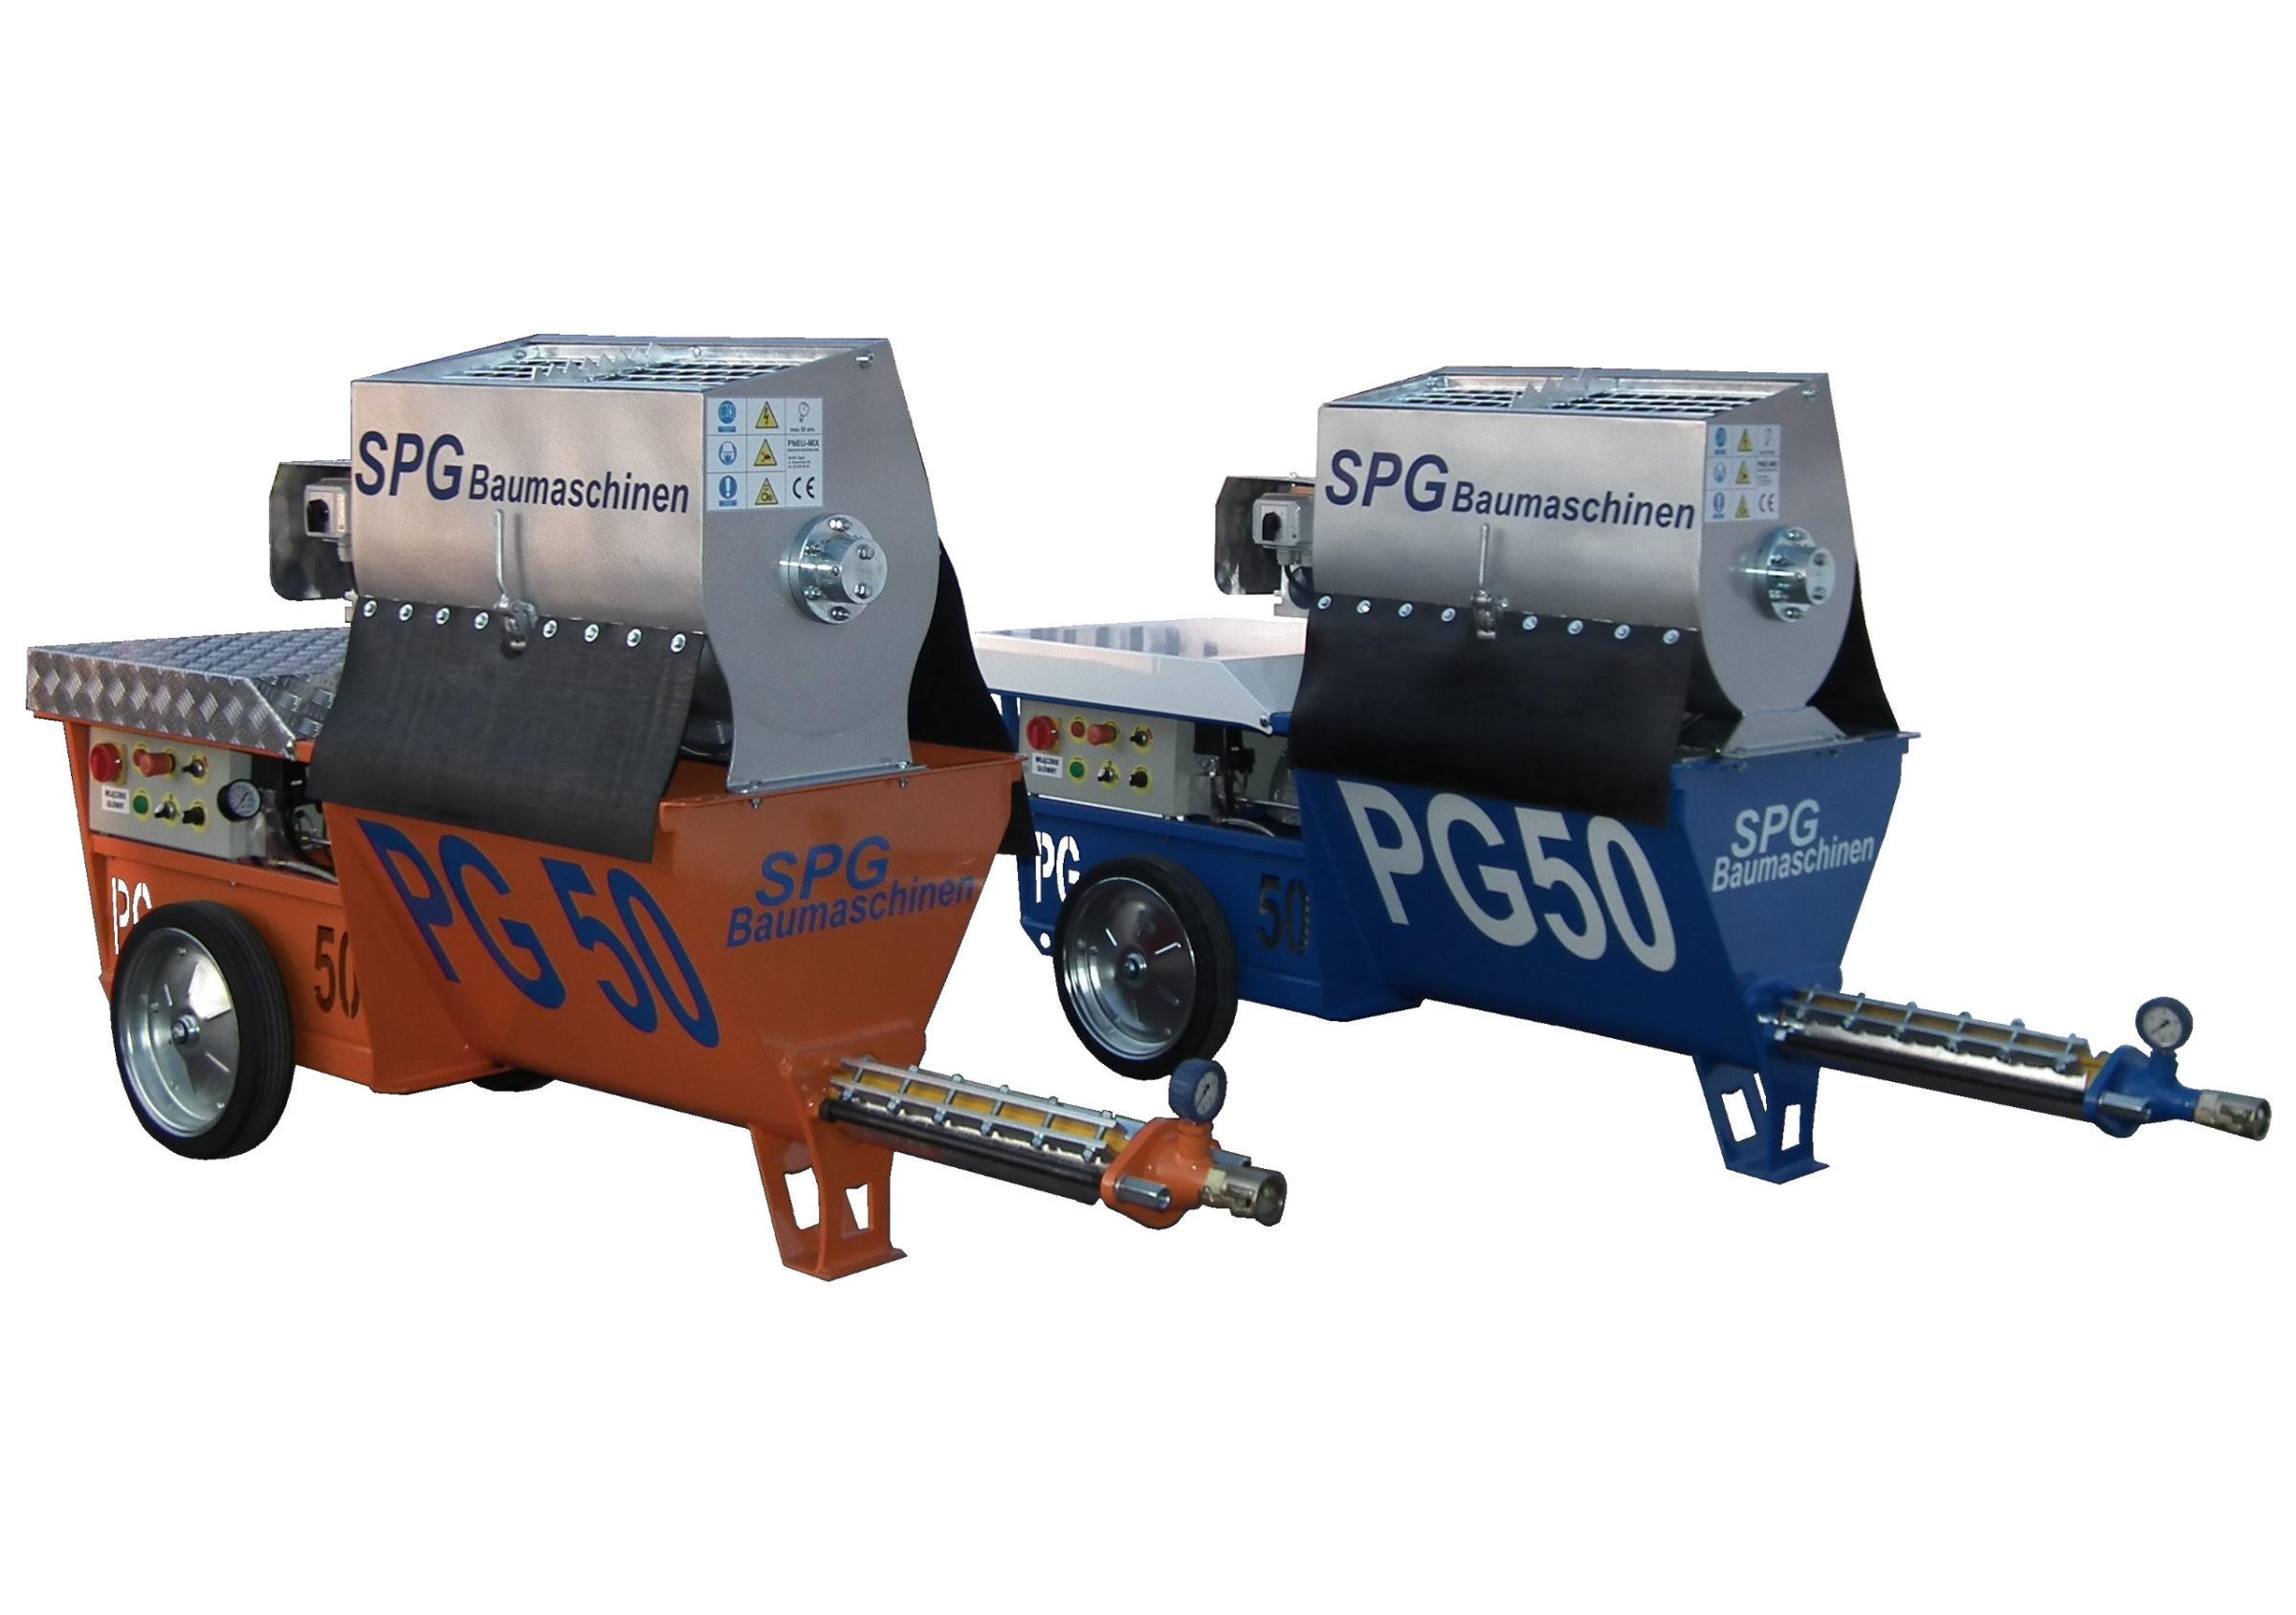 Oferty-PG50M-2